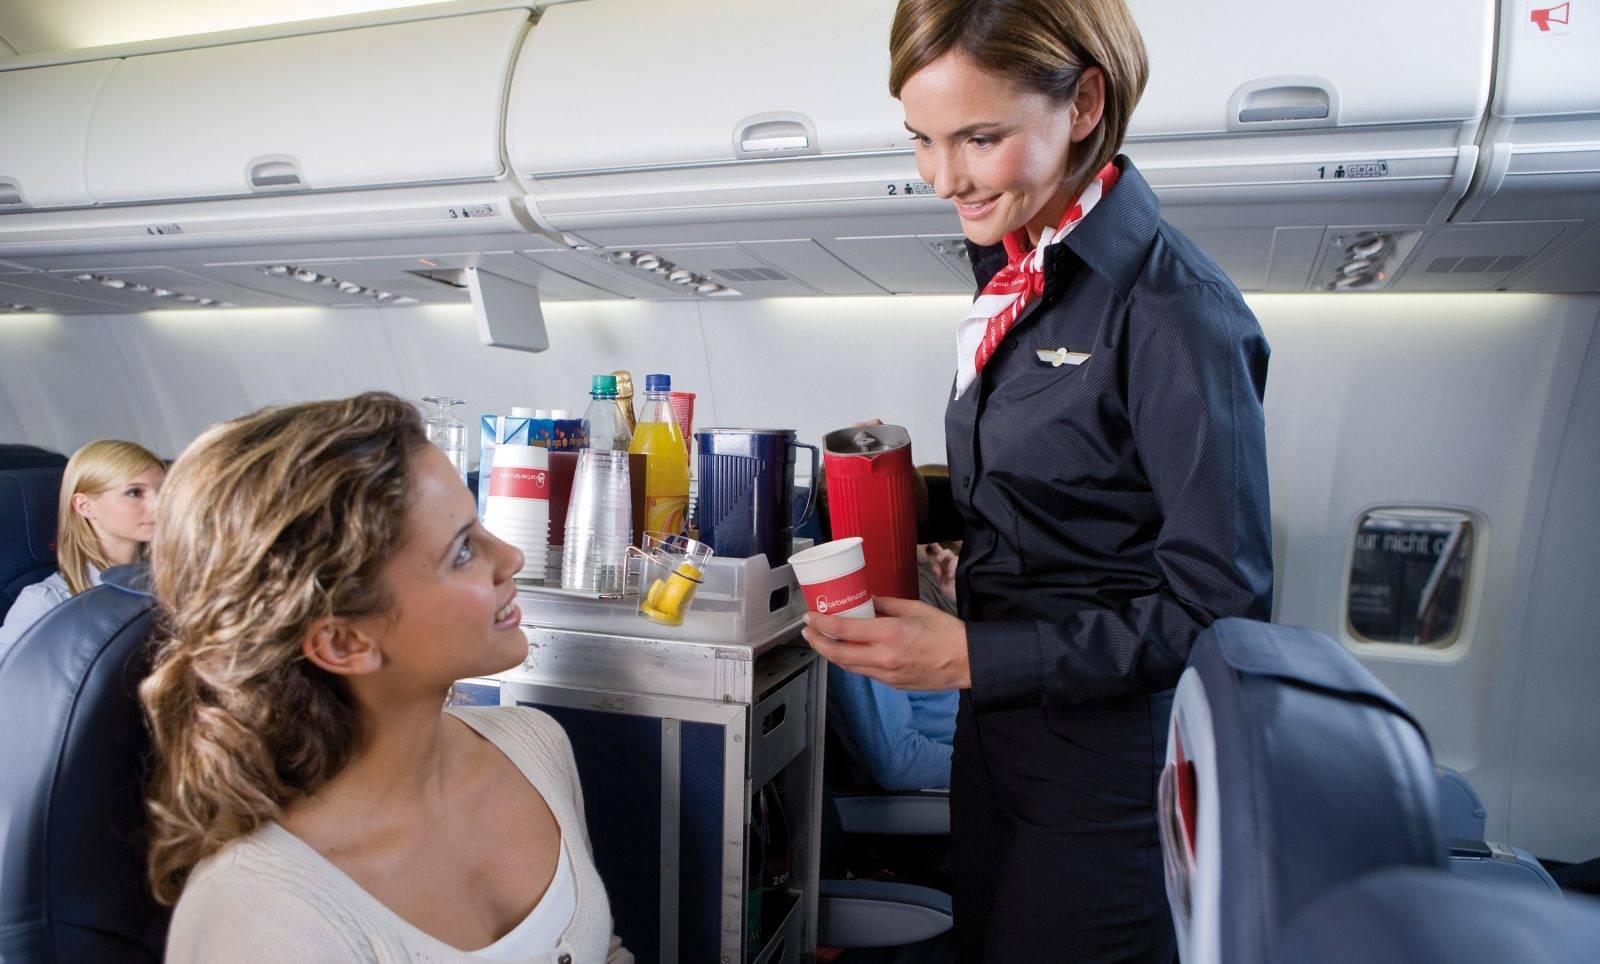 16 секретов авиакомпаний, которые рассказали бортпроводники - лайфхакер